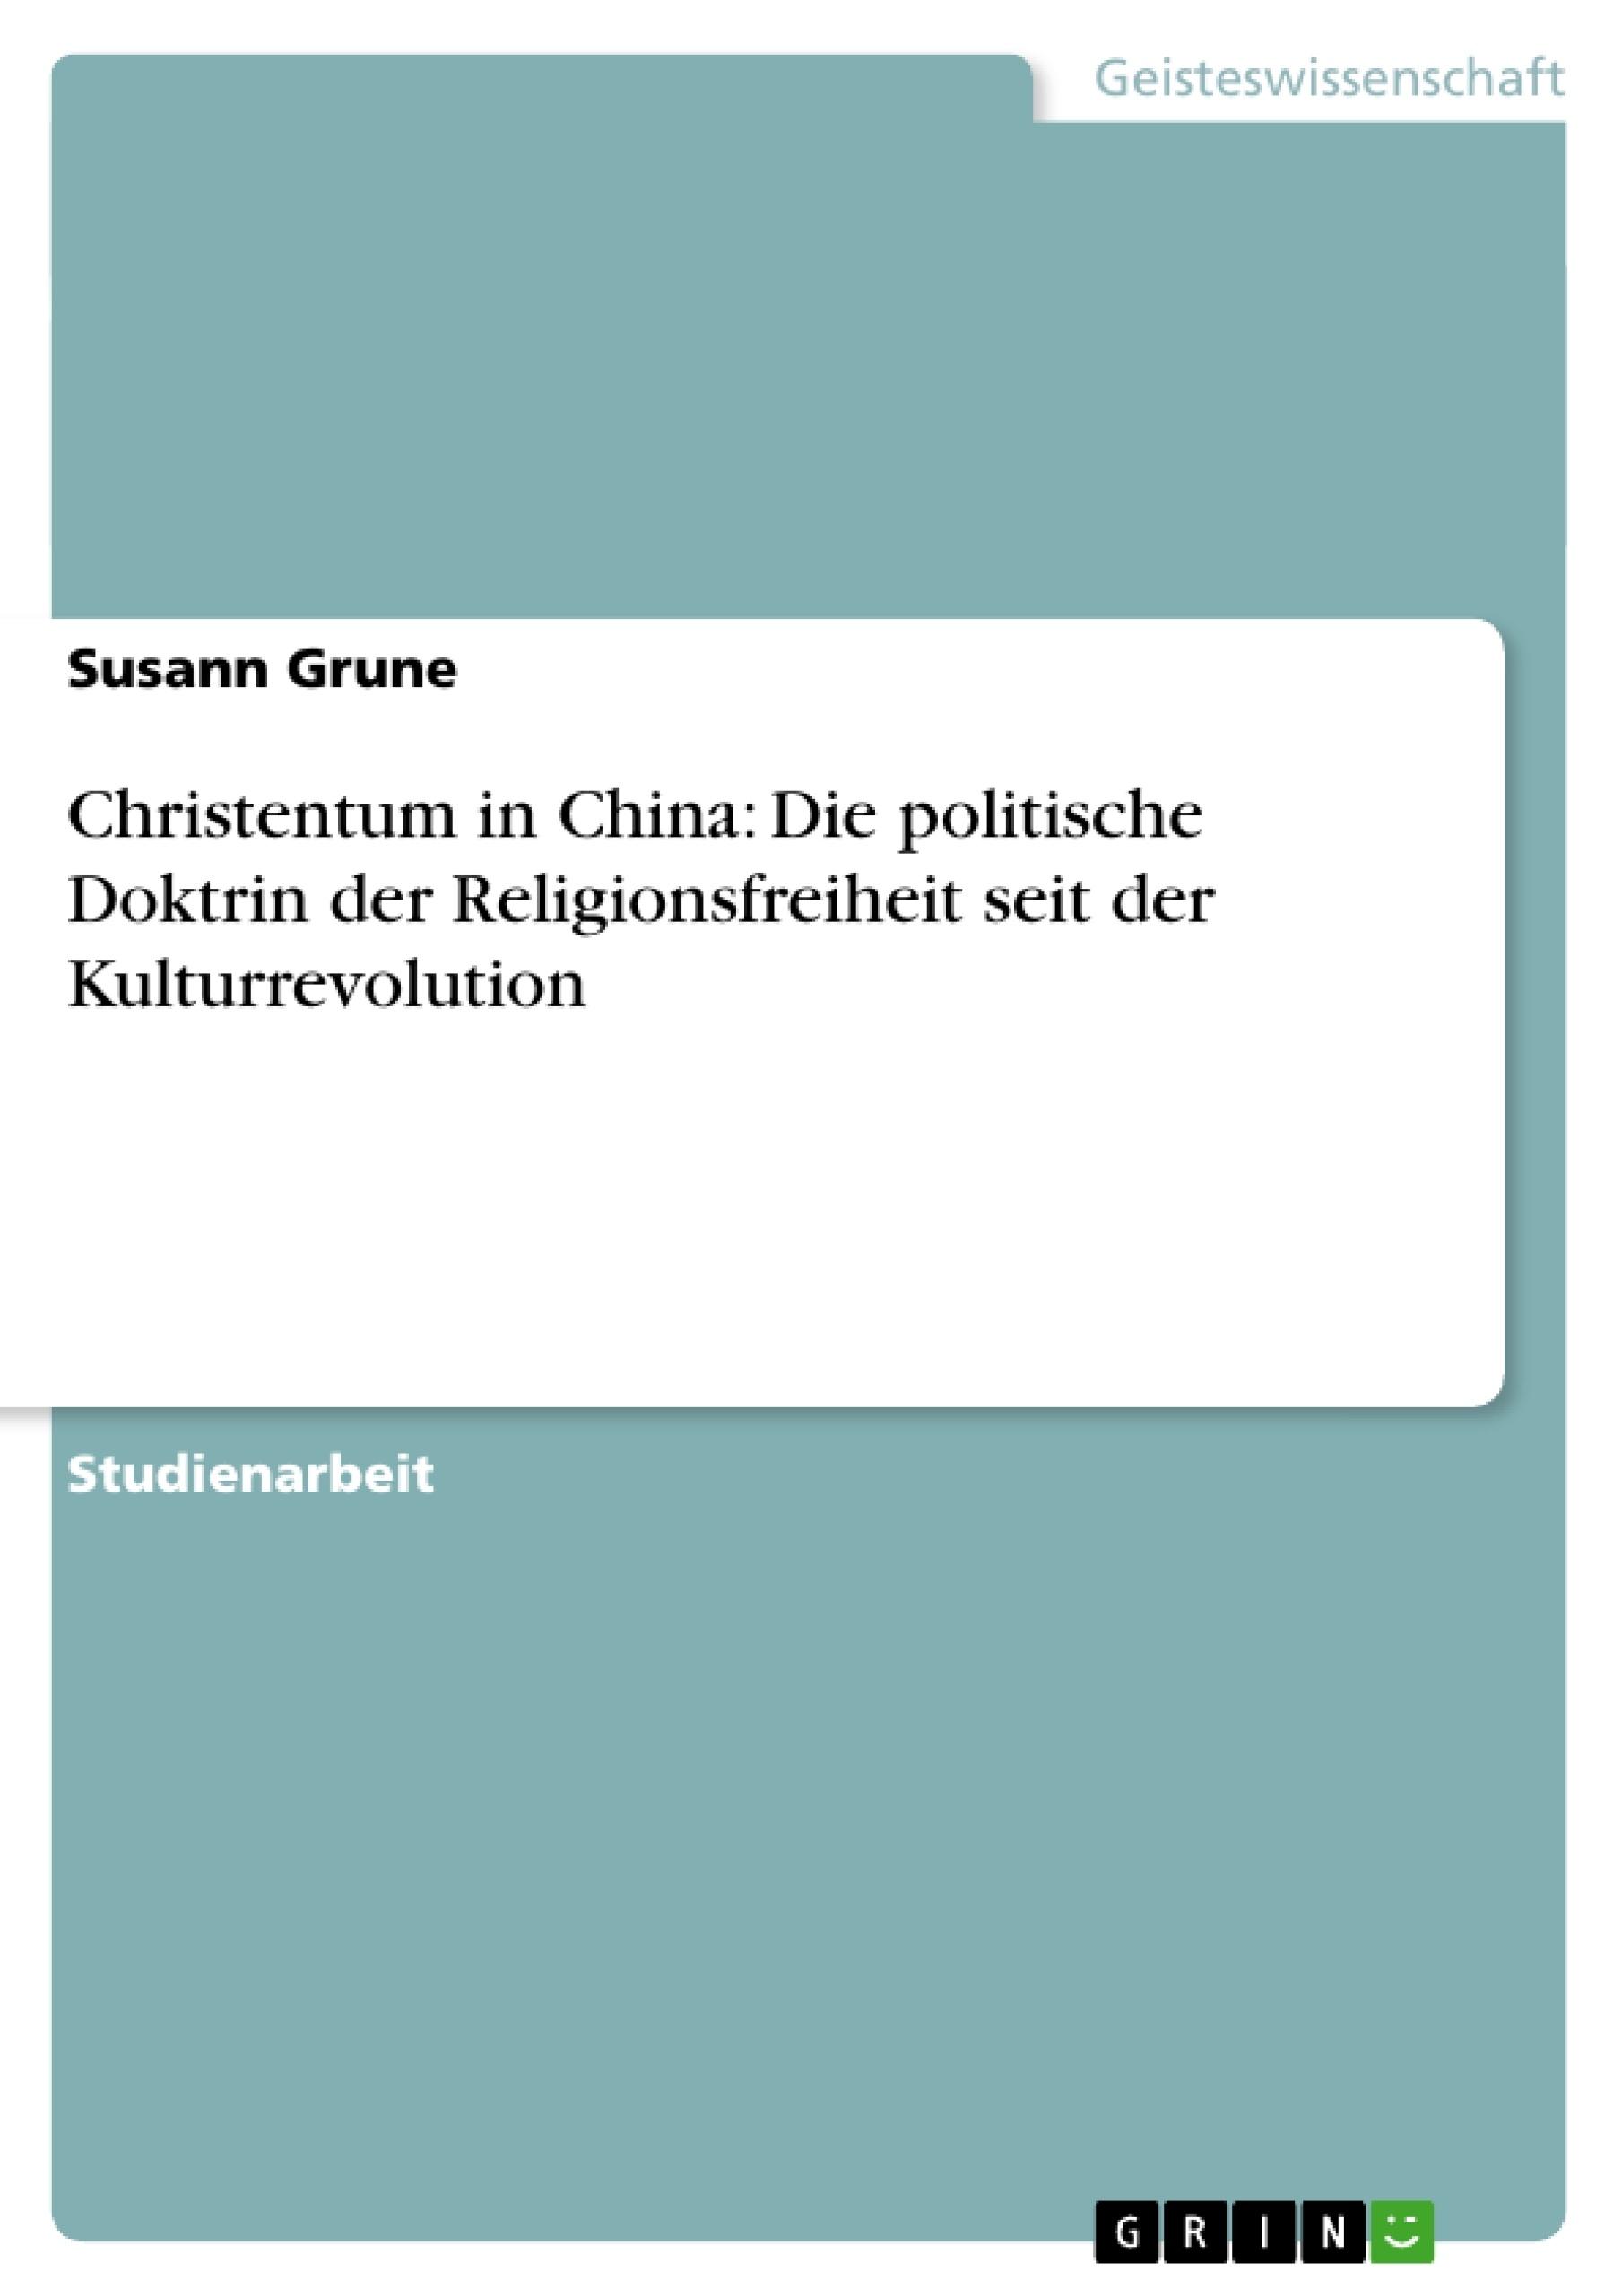 Titel: Christentum in China: Die politische Doktrin der Religionsfreiheit seit der Kulturrevolution